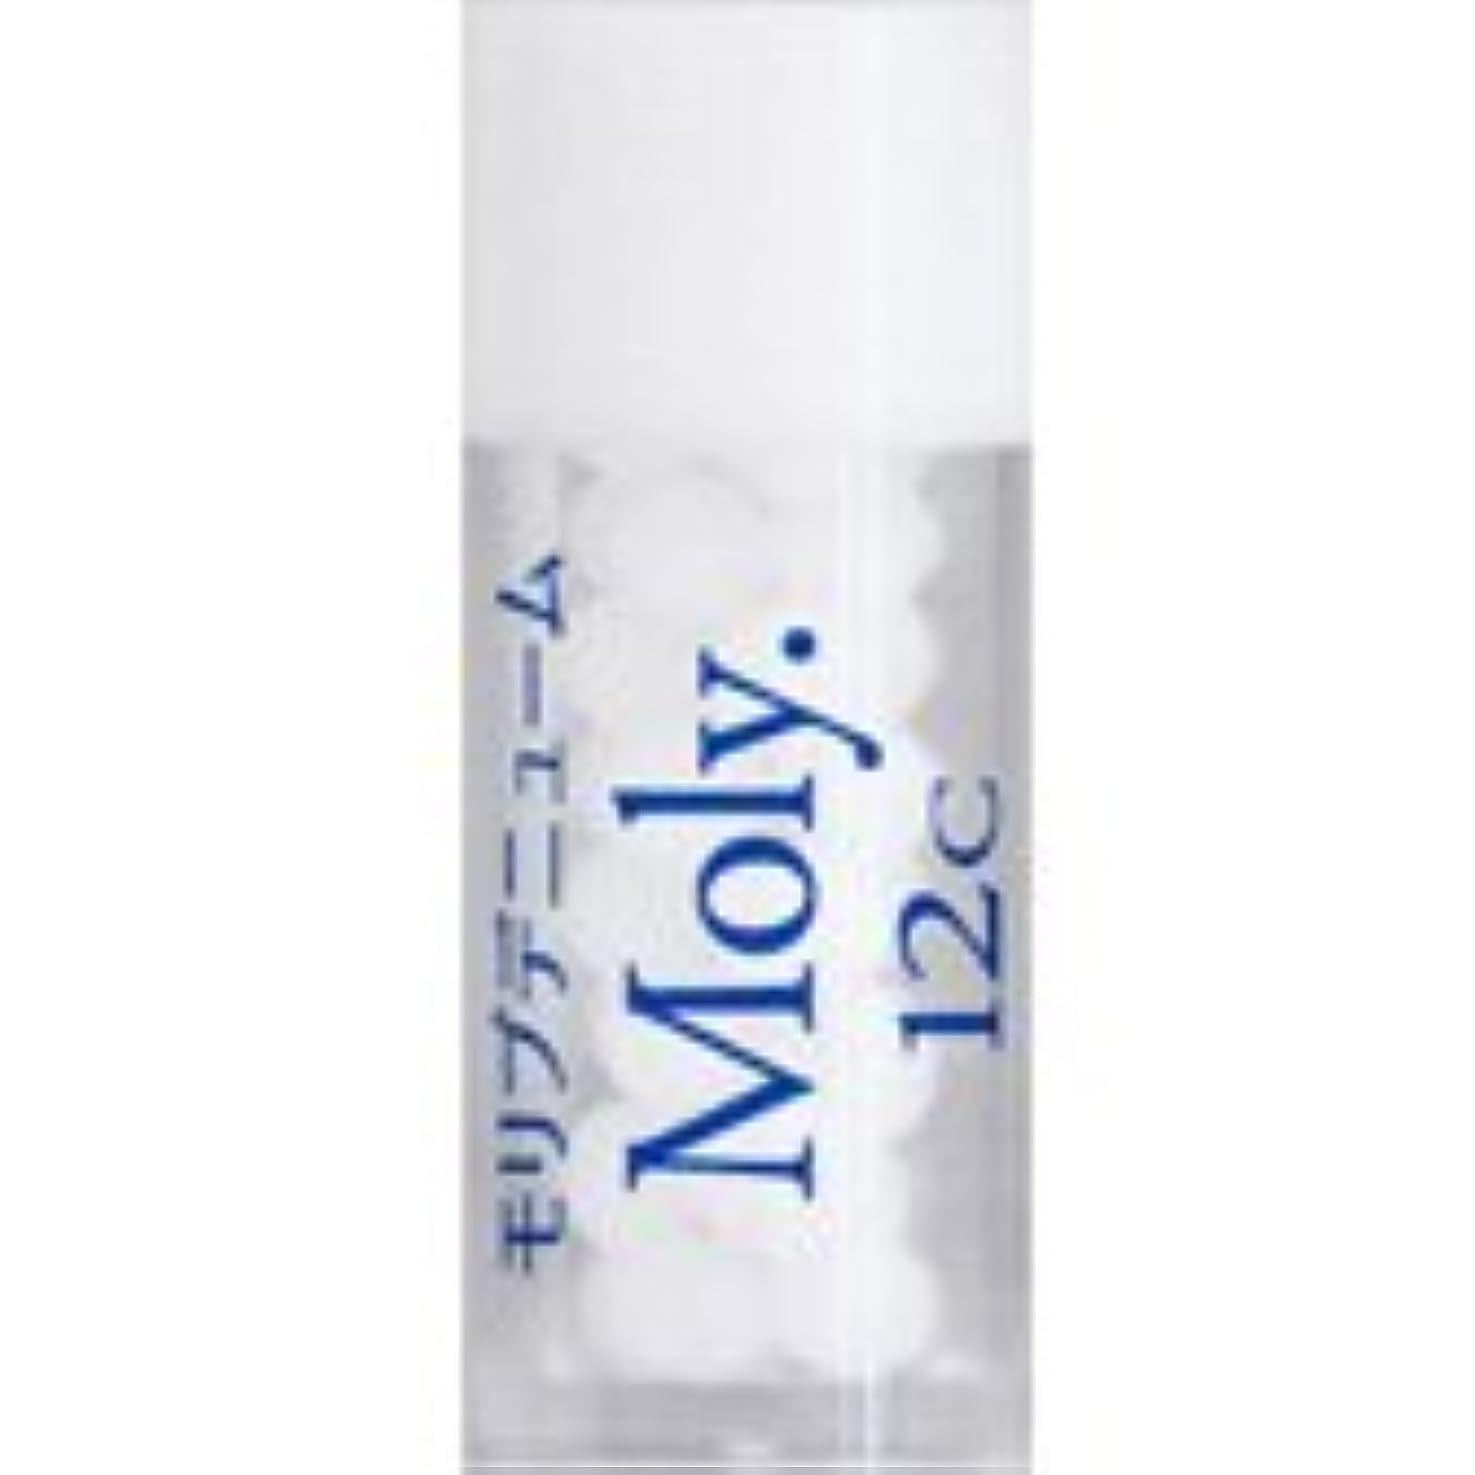 手つかずのフェザー寛容な36バイタルエレメントキット 対応 各種 (29)Moly.12C モリブデニューム)